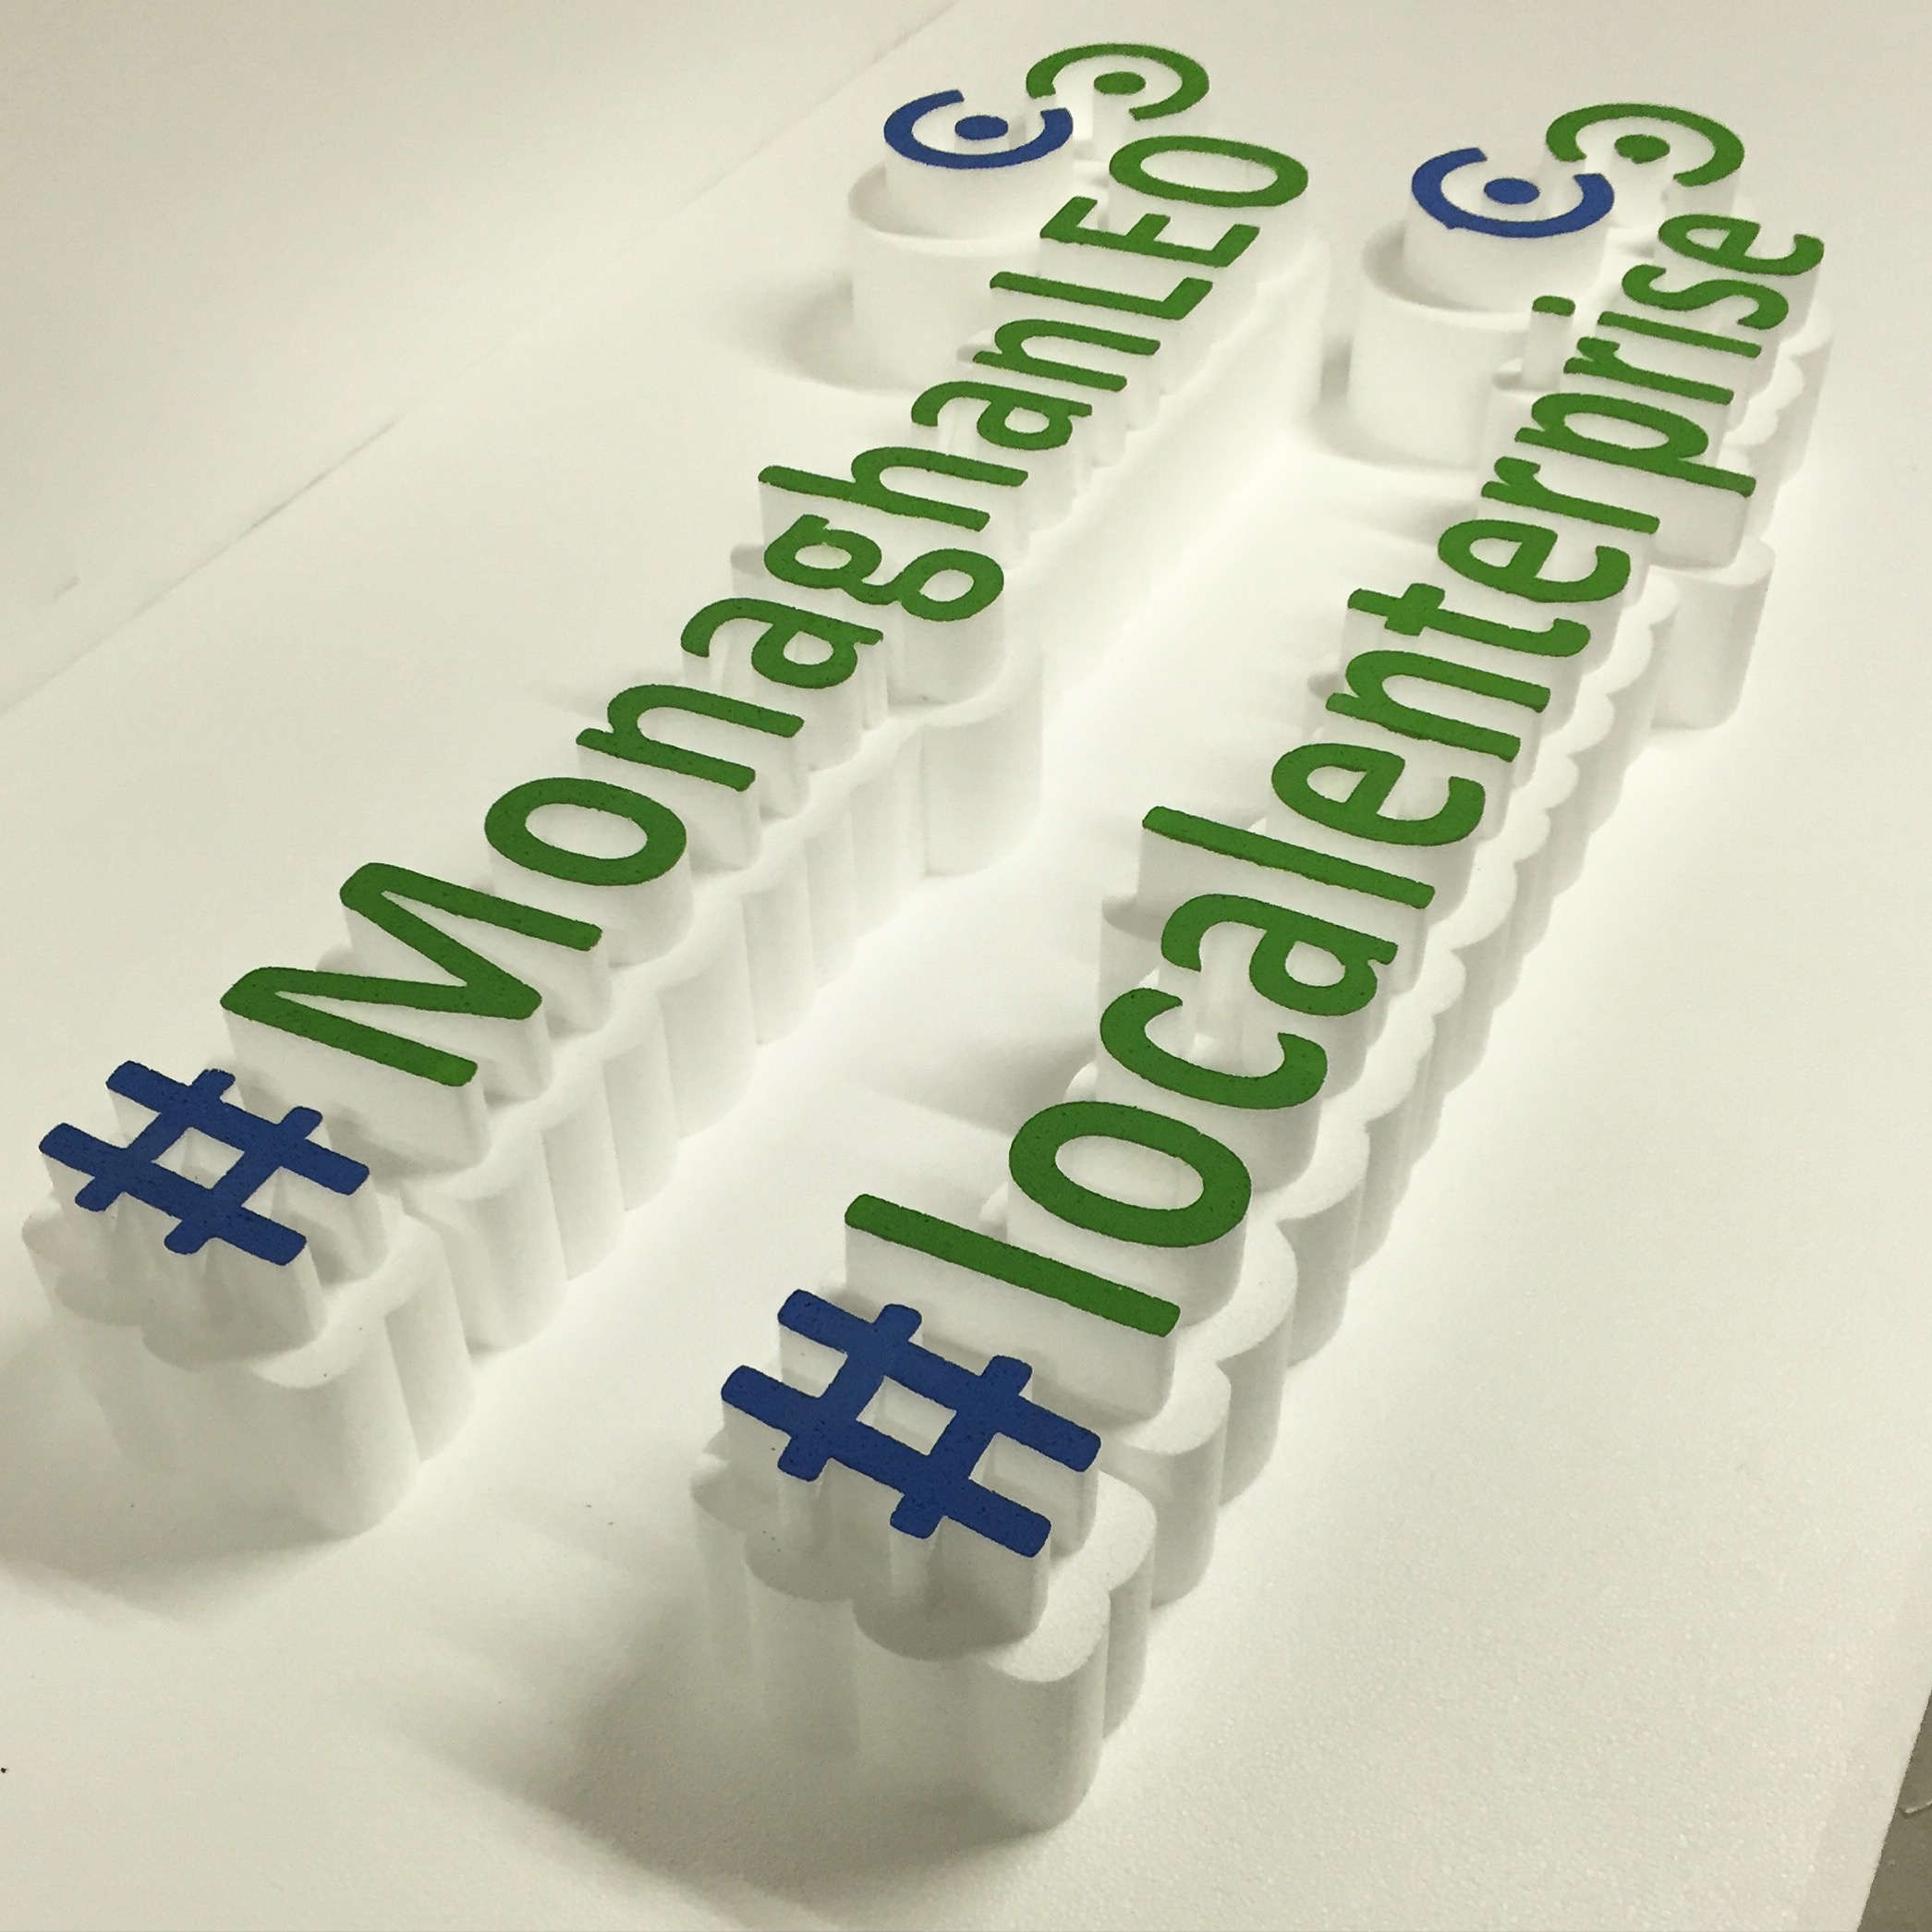 #Hashtag 3D Lettering